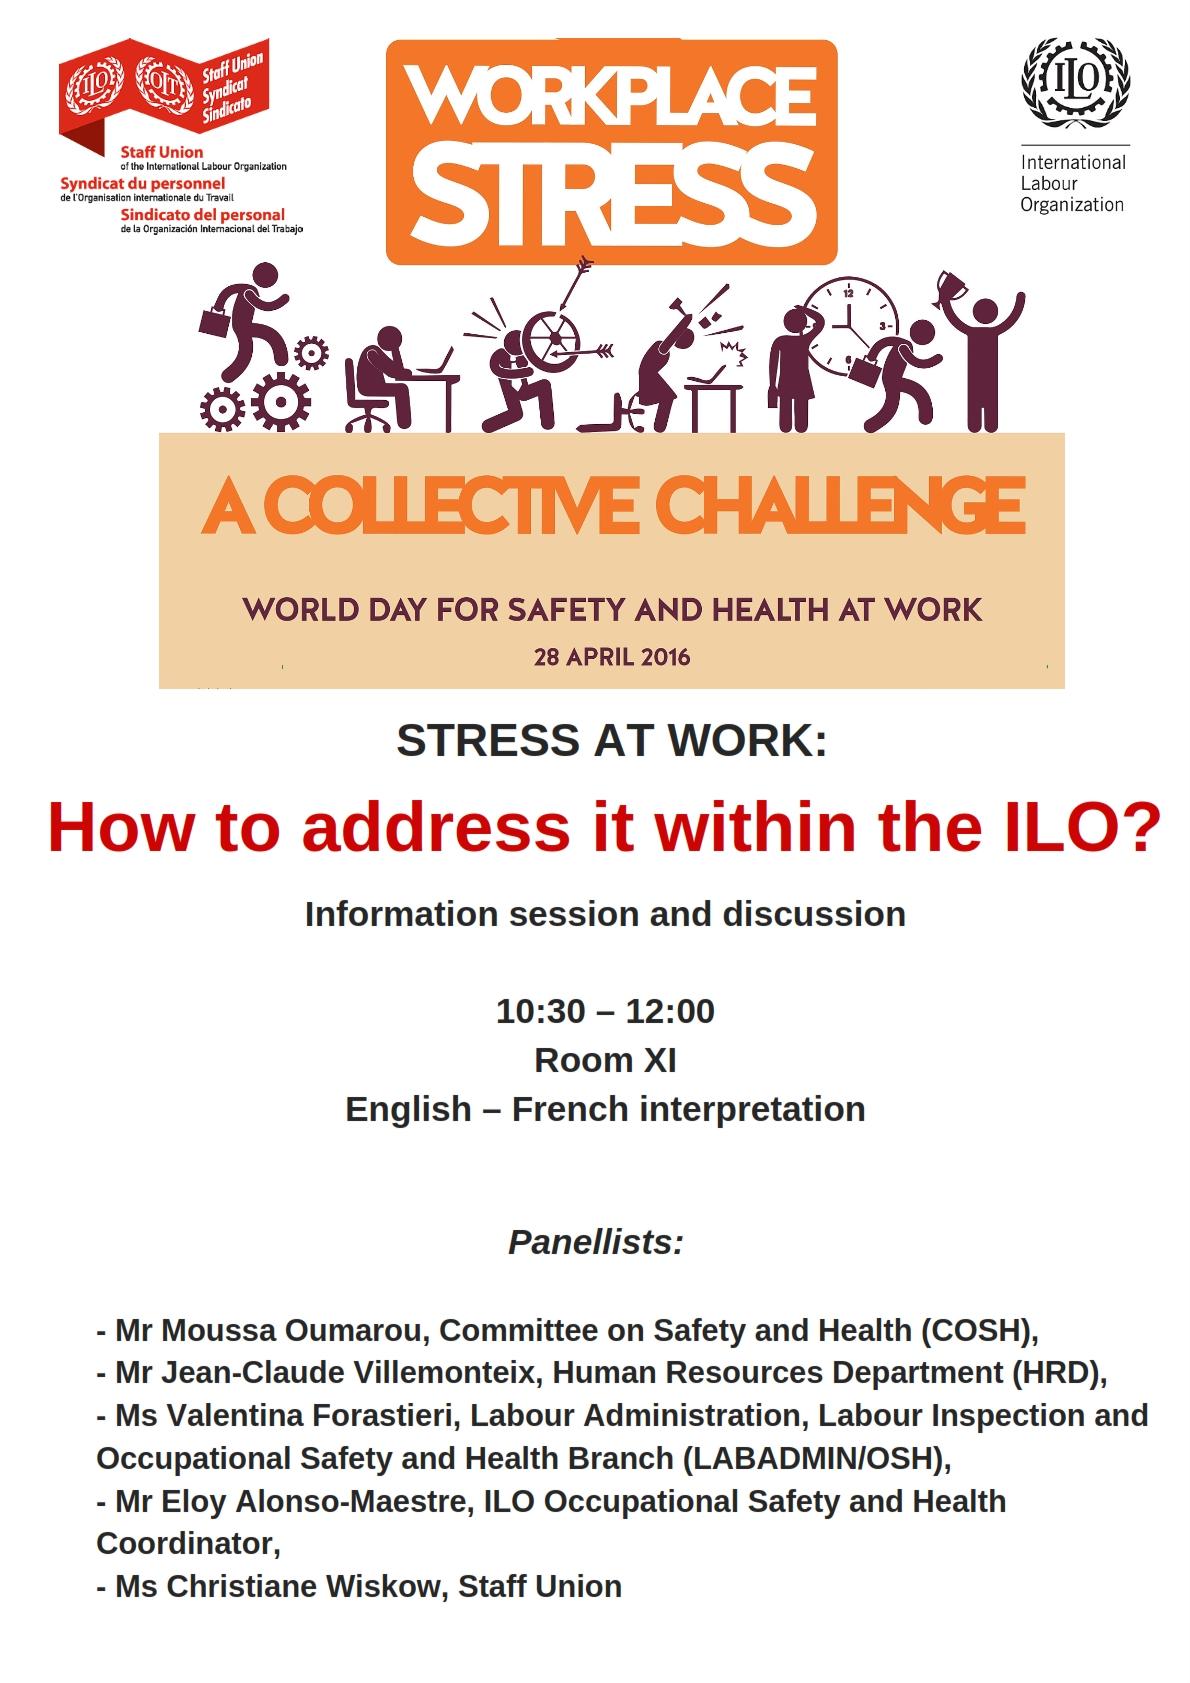 Stress-At-Work-Ang-fr-avril2016_001